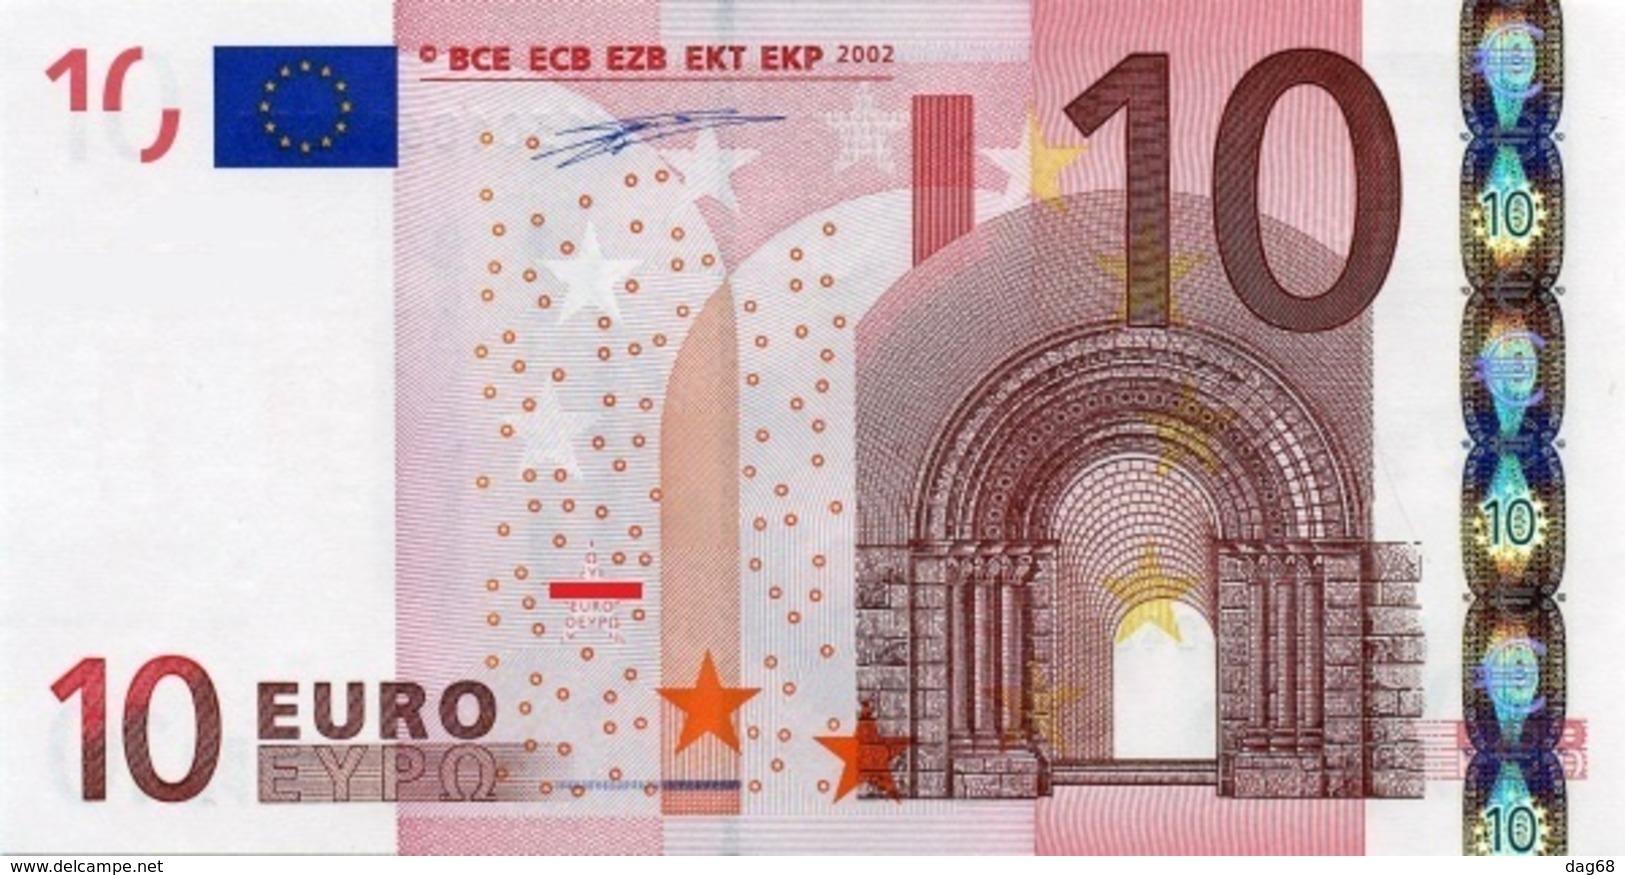 EURO IRELAND 10 T K003 UNC DUISENBERG - EURO